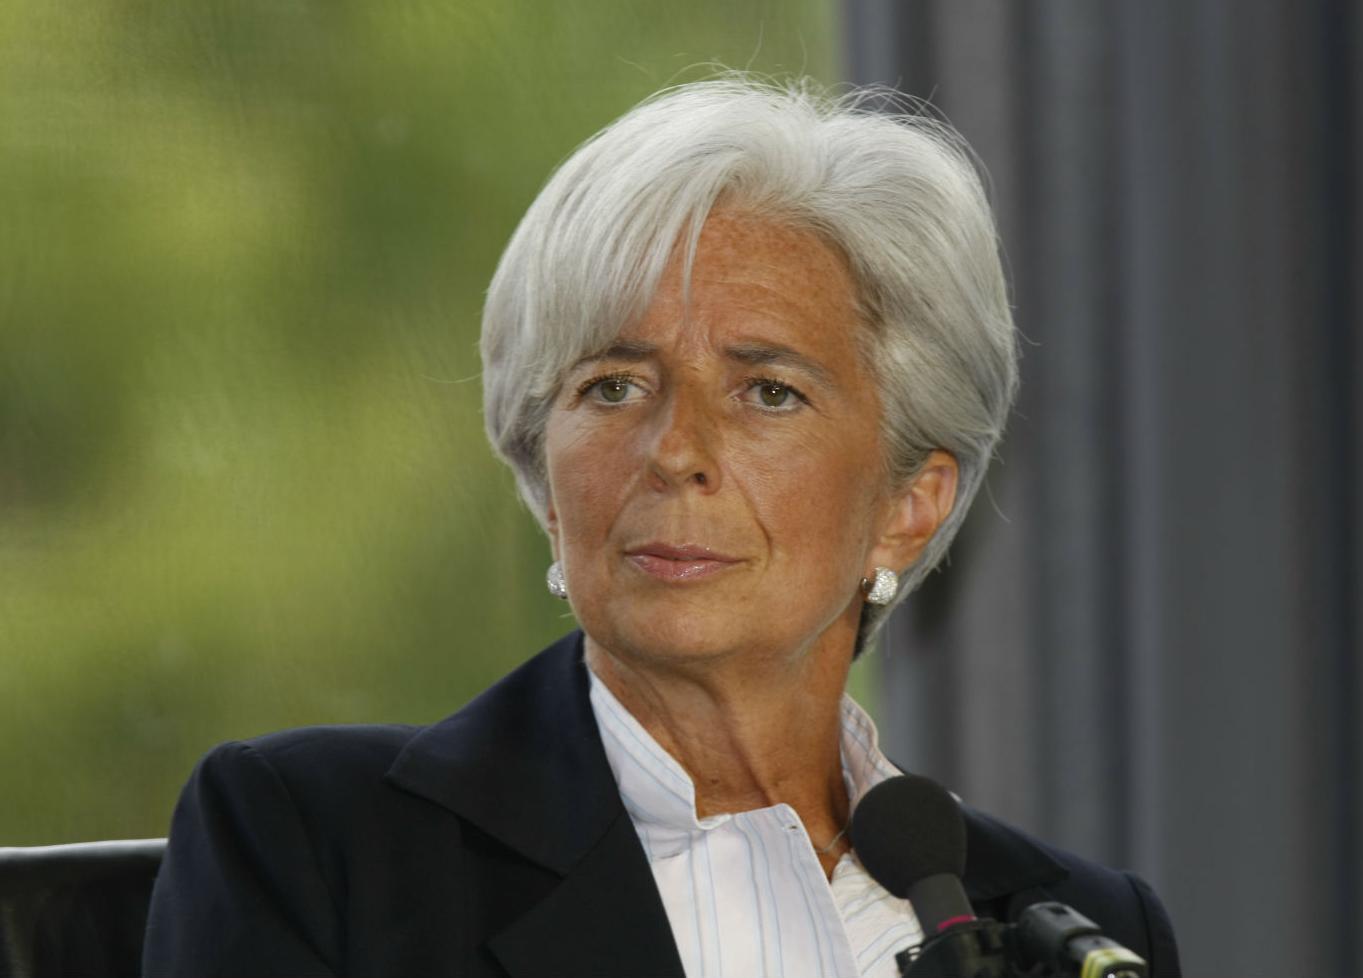 La investigación a Lagarde se abrió oficialmente en agosto del 2011 para verificar si en el 2008 intercedió de forma ilegal por el empresario.